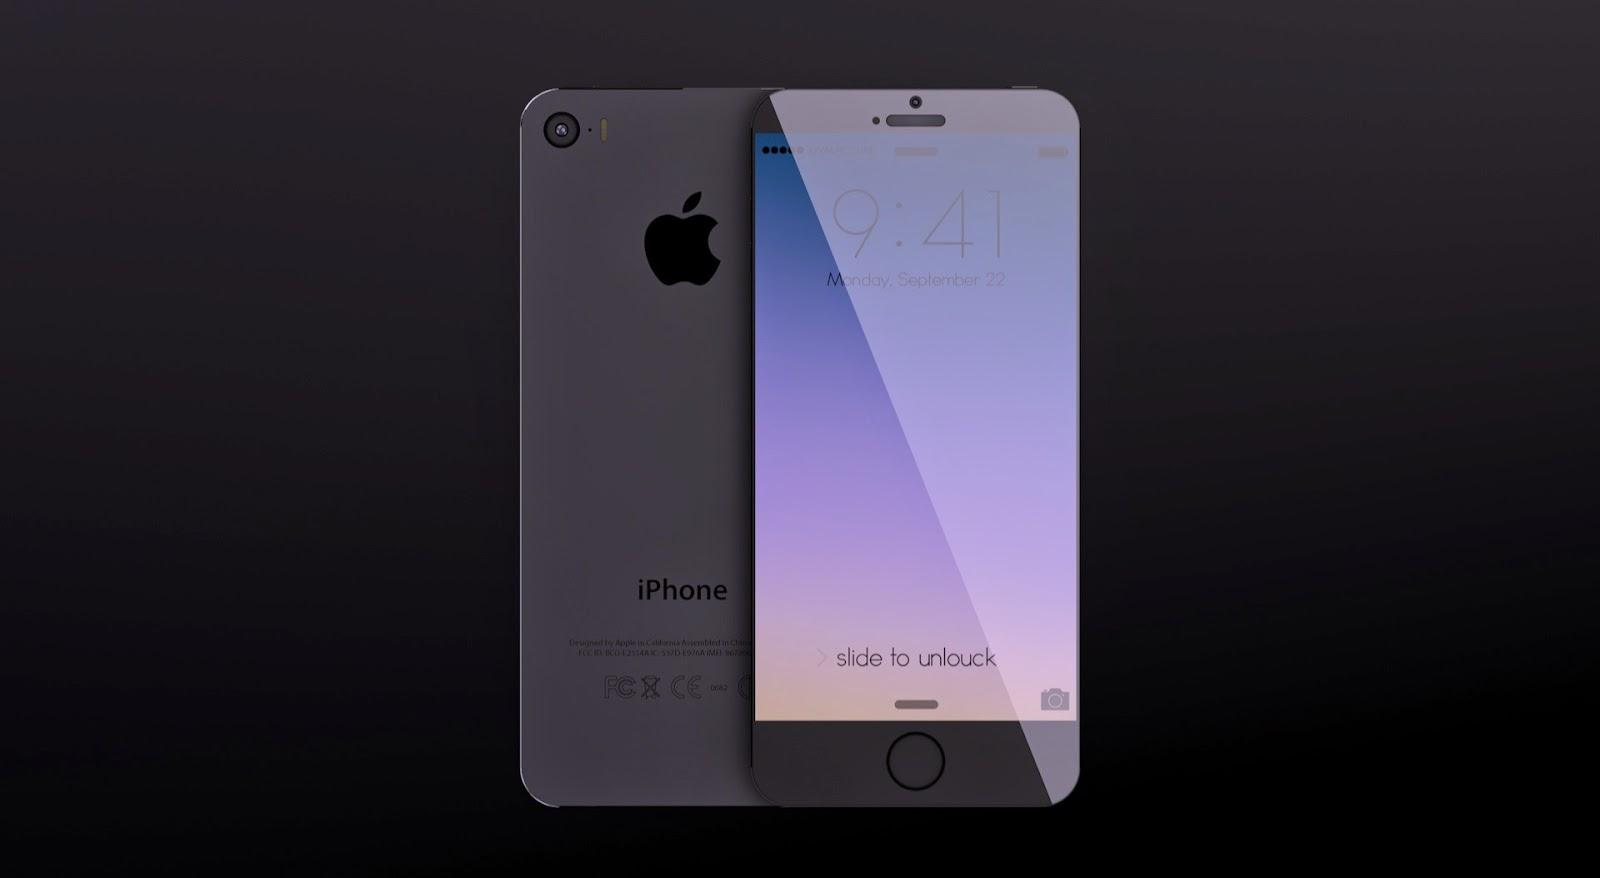 concept-apple_iphone_6-retina-display-5-6-inch-HD-wallpaper-1920x1080-2014-2015-exclusive-www.epihdwallpapers.com